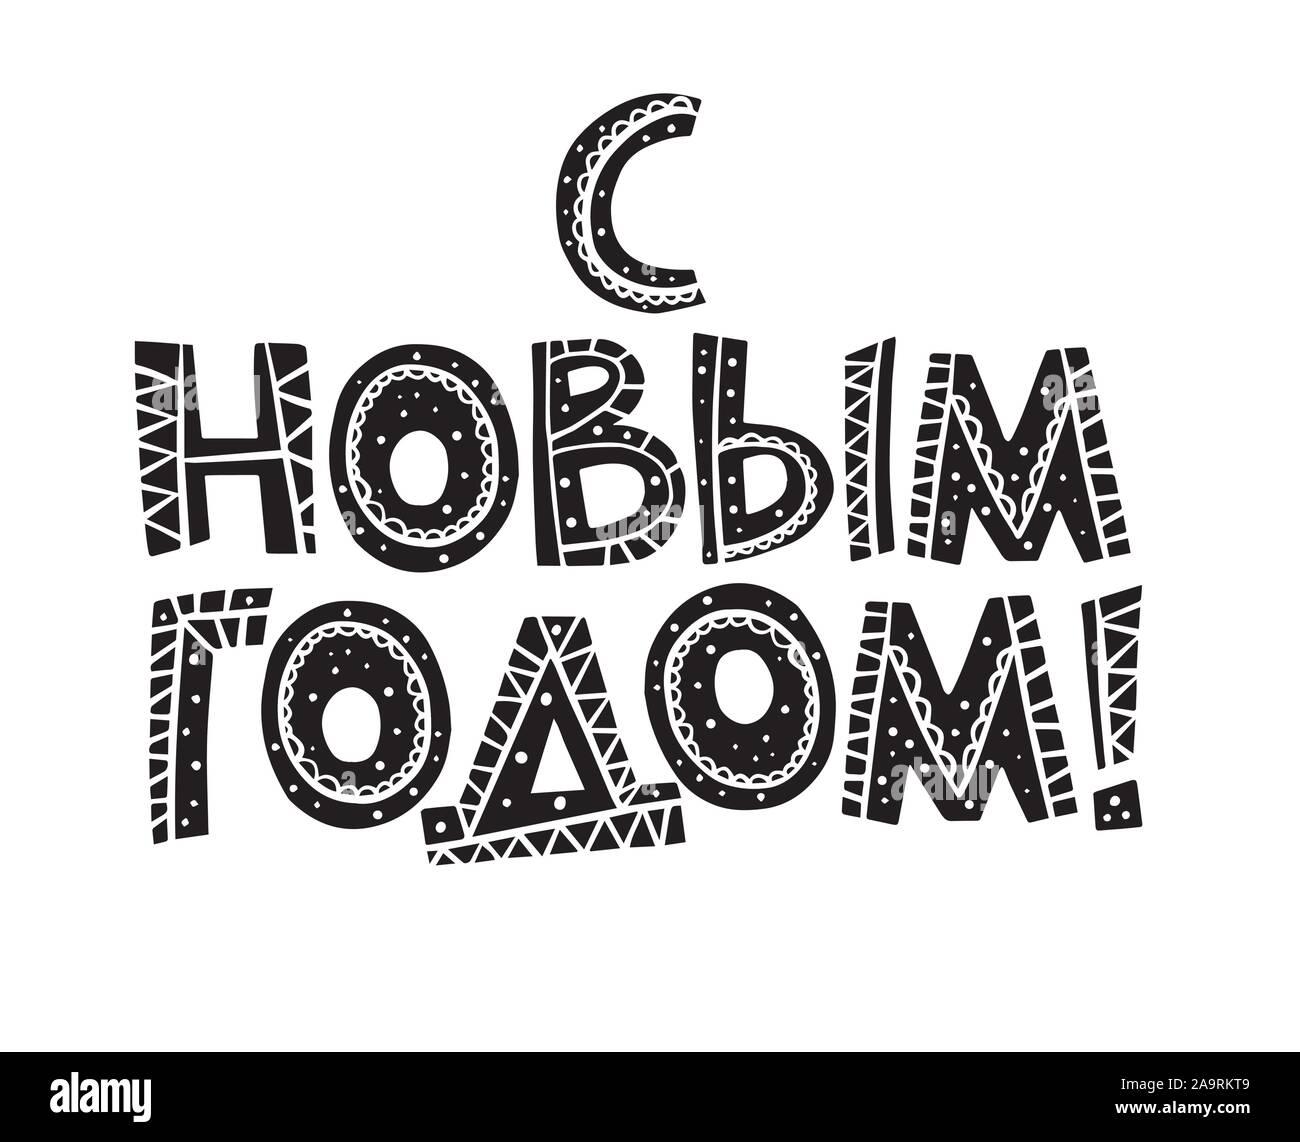 Rotulación Con La Frase En Idioma Ruso Los Mejores Deseos